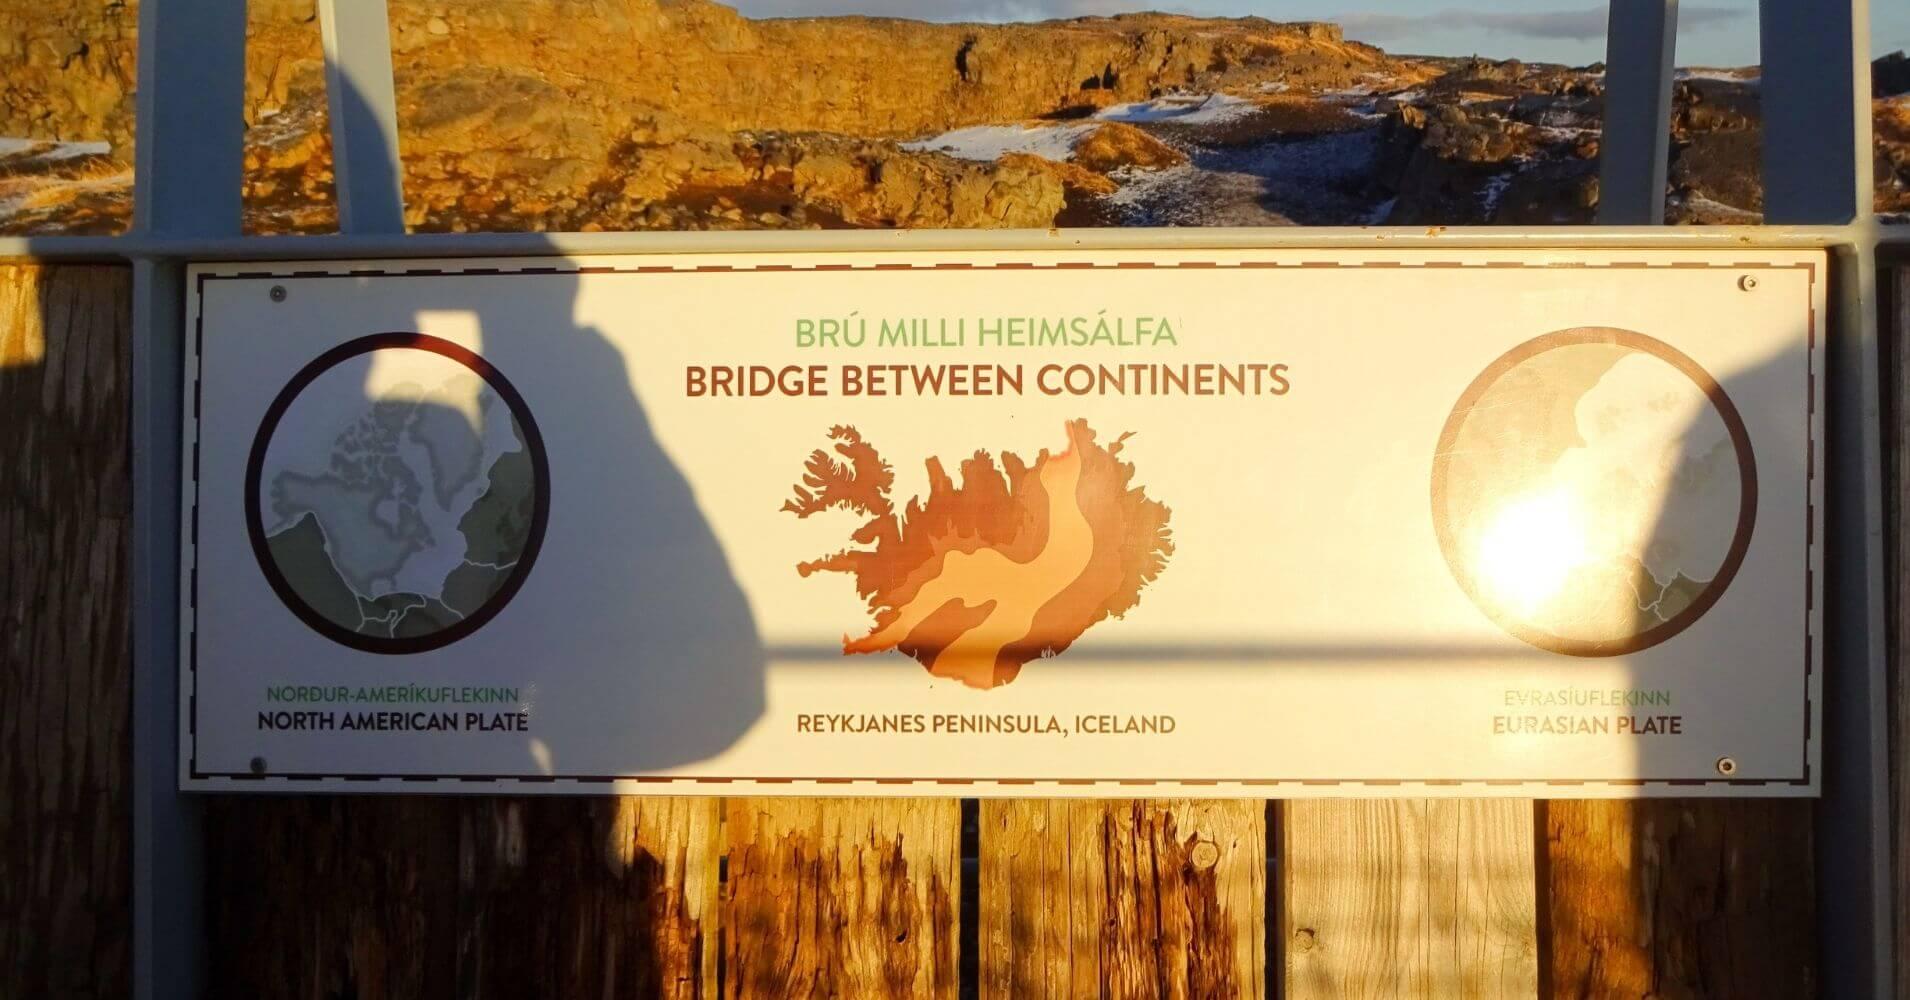 Brú Milli Heimsálfa. Área Geotermal de Gunnuhver. Puente entre continentes. Islandia.